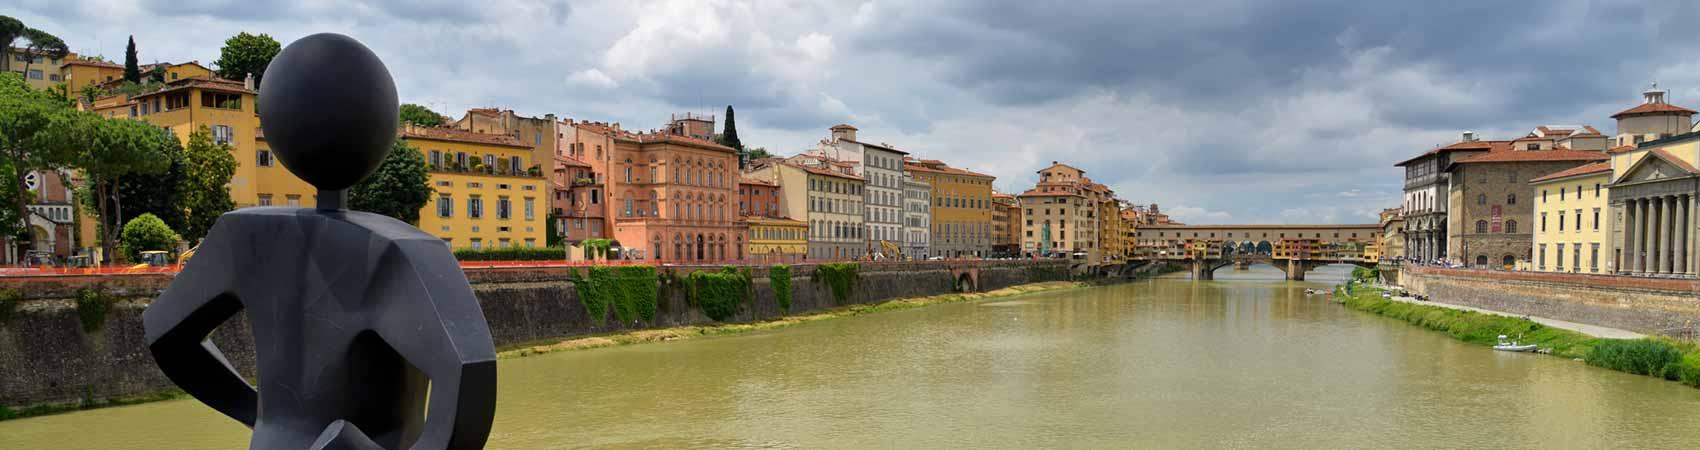 vacances pas chère location italie